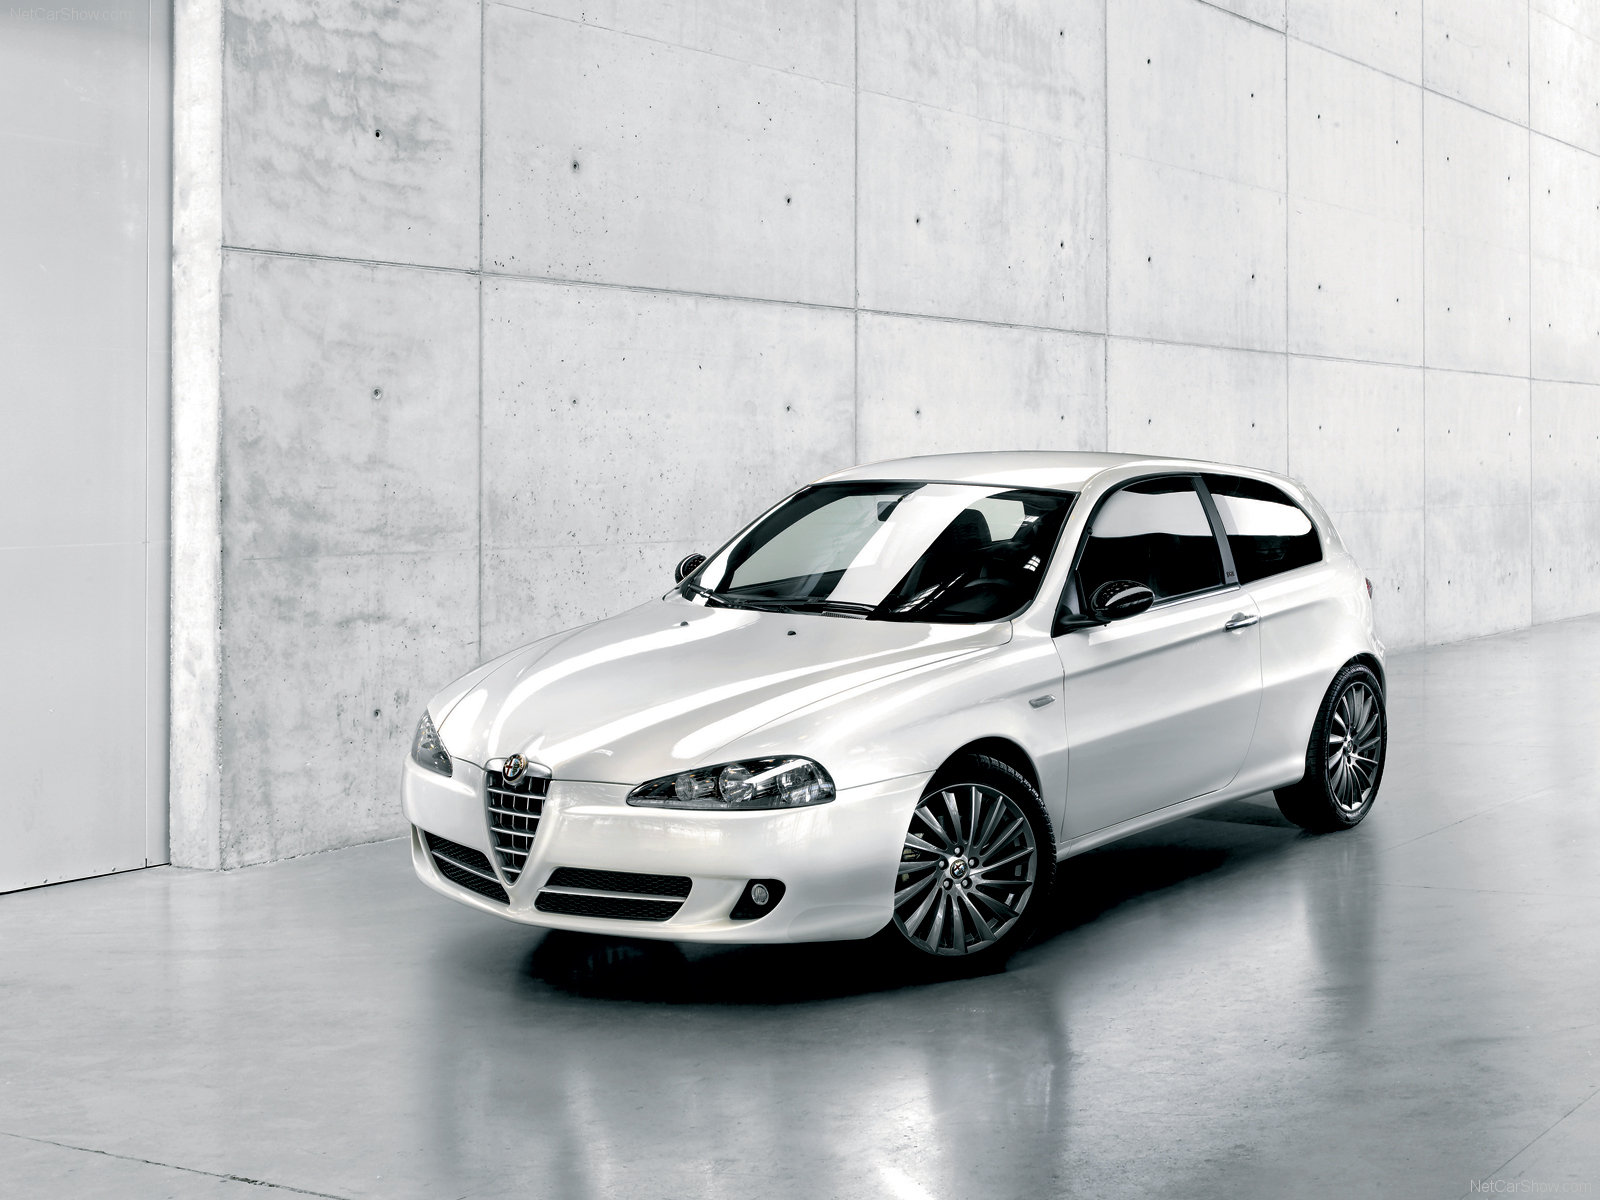 http://2.bp.blogspot.com/-xkKUqXvL-IU/TVmgn1yH13I/AAAAAAAAA4U/548qSBdN3GM/s1600/Alfa-Romeo-147-Wallpaper_14220115.jpg